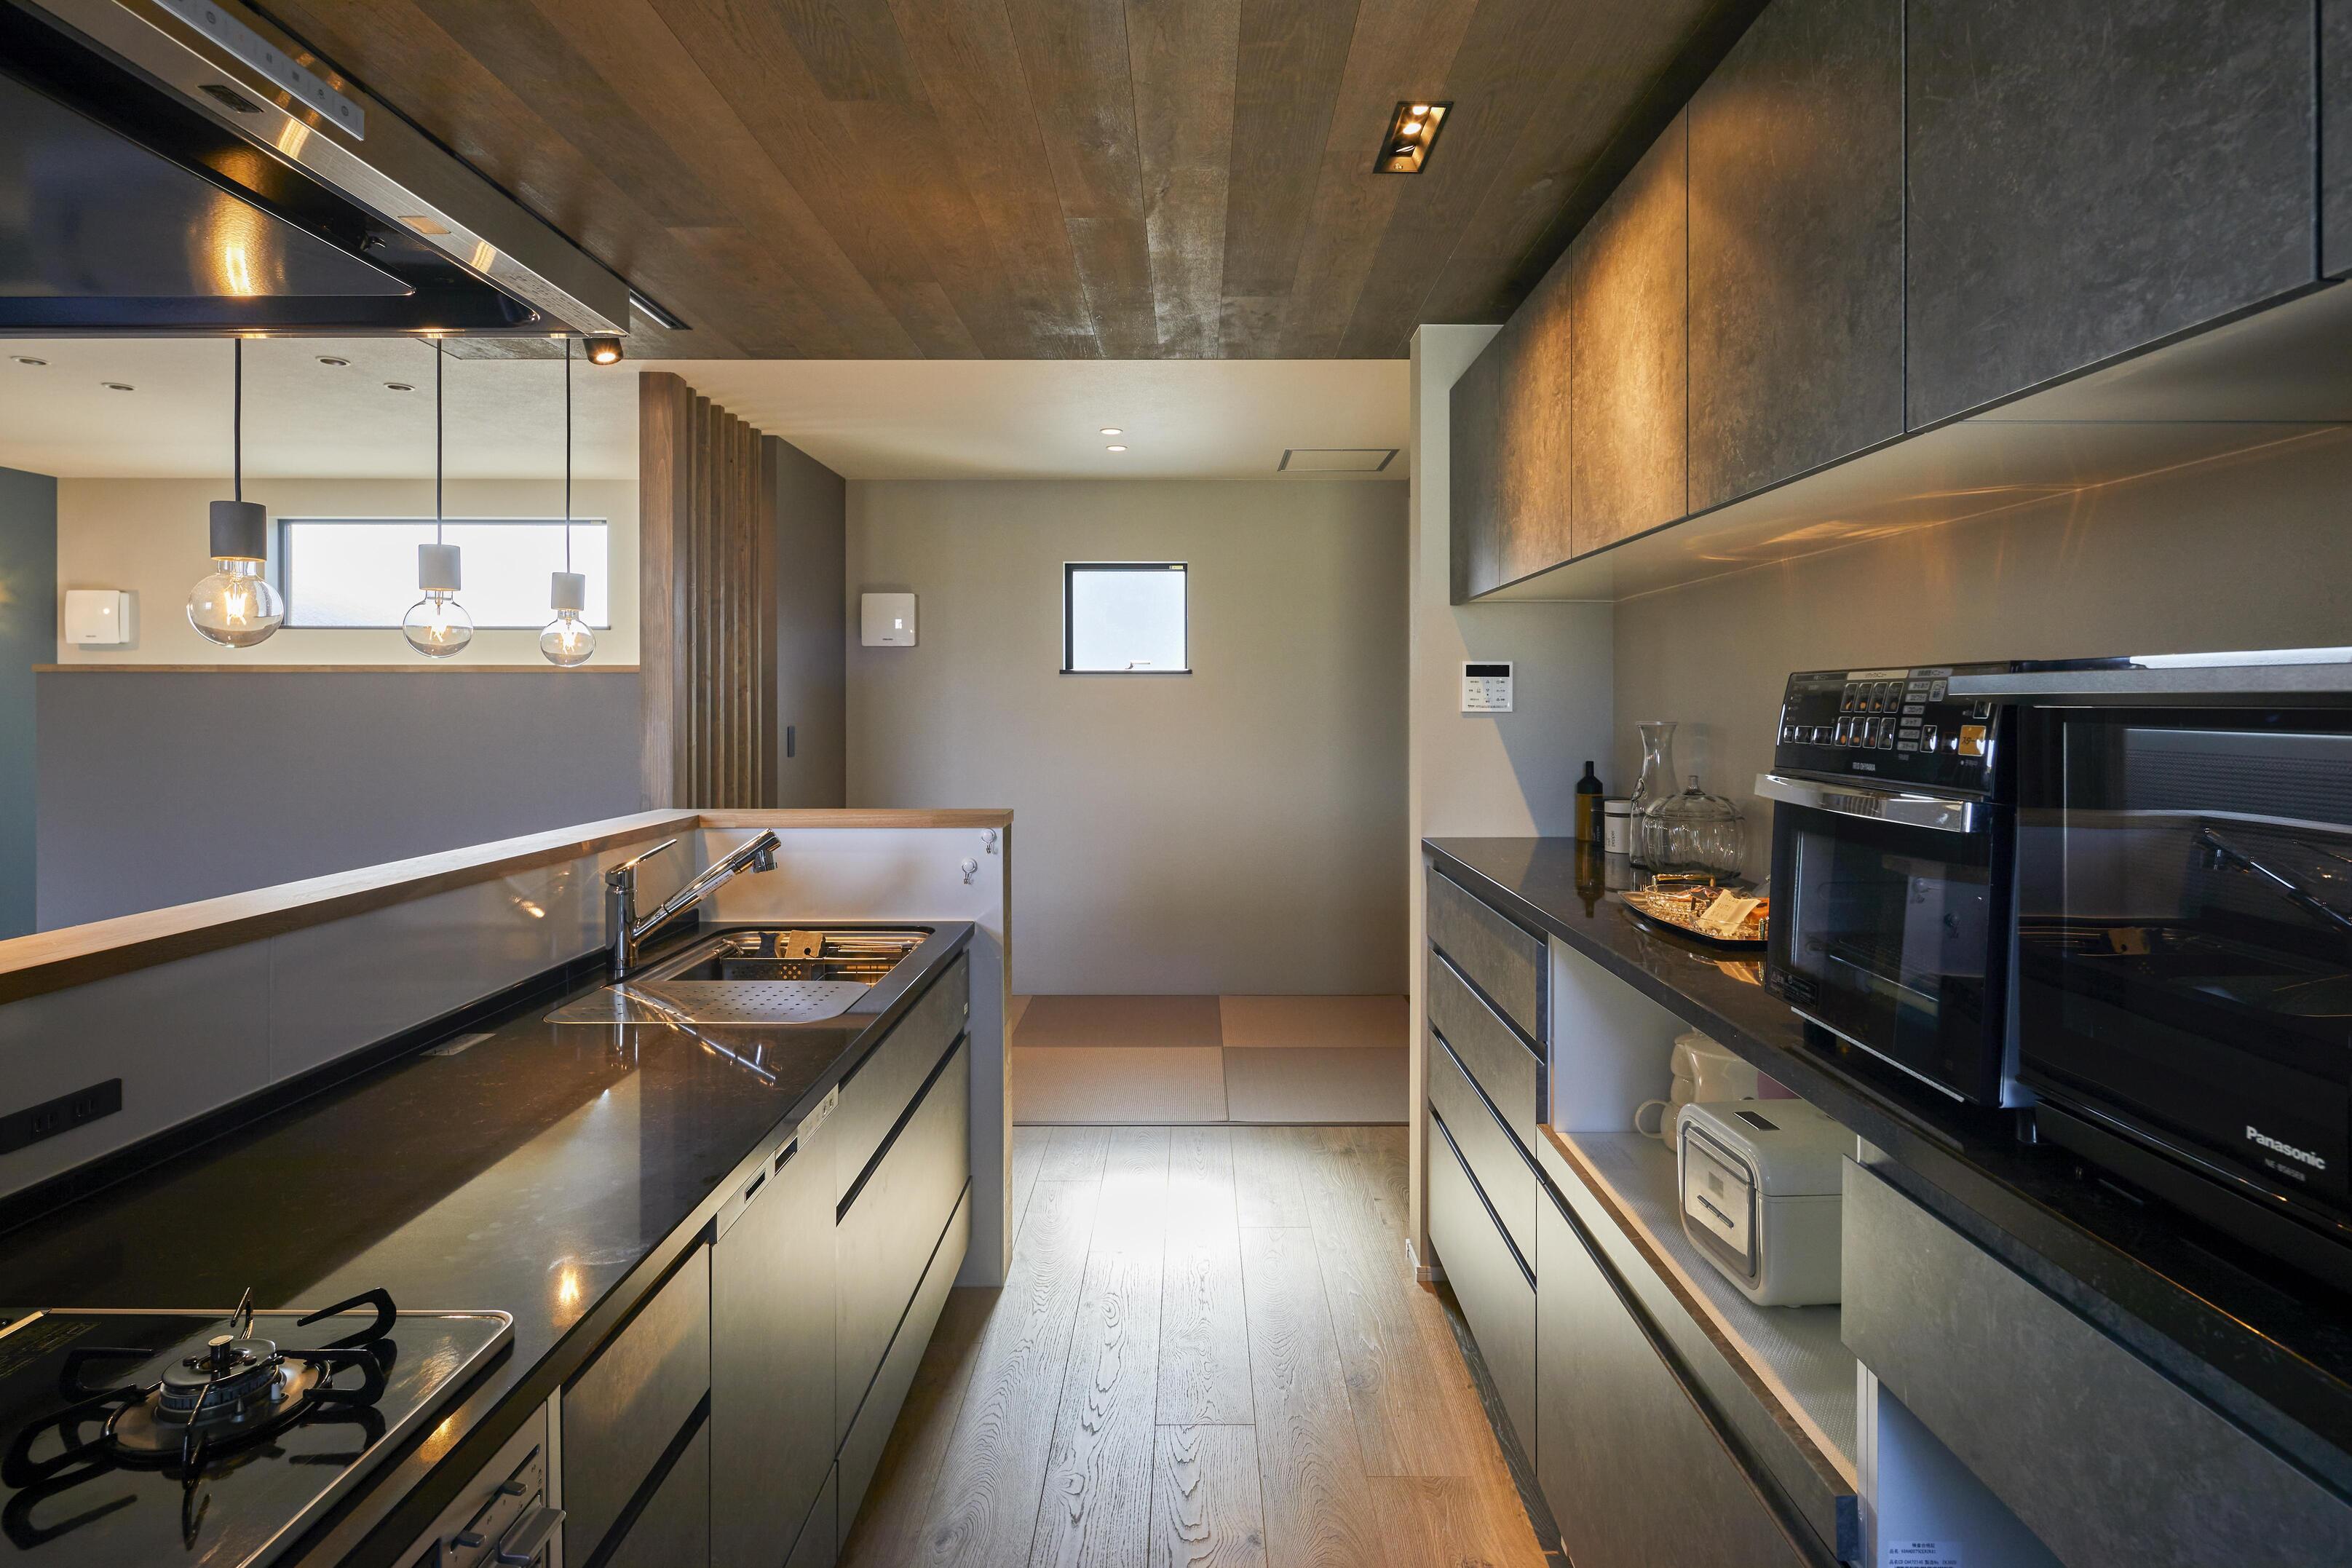 収納スペースをしっかり確保したキッチン。パントリーもあるのでいつでもスッキリした状態を保てる